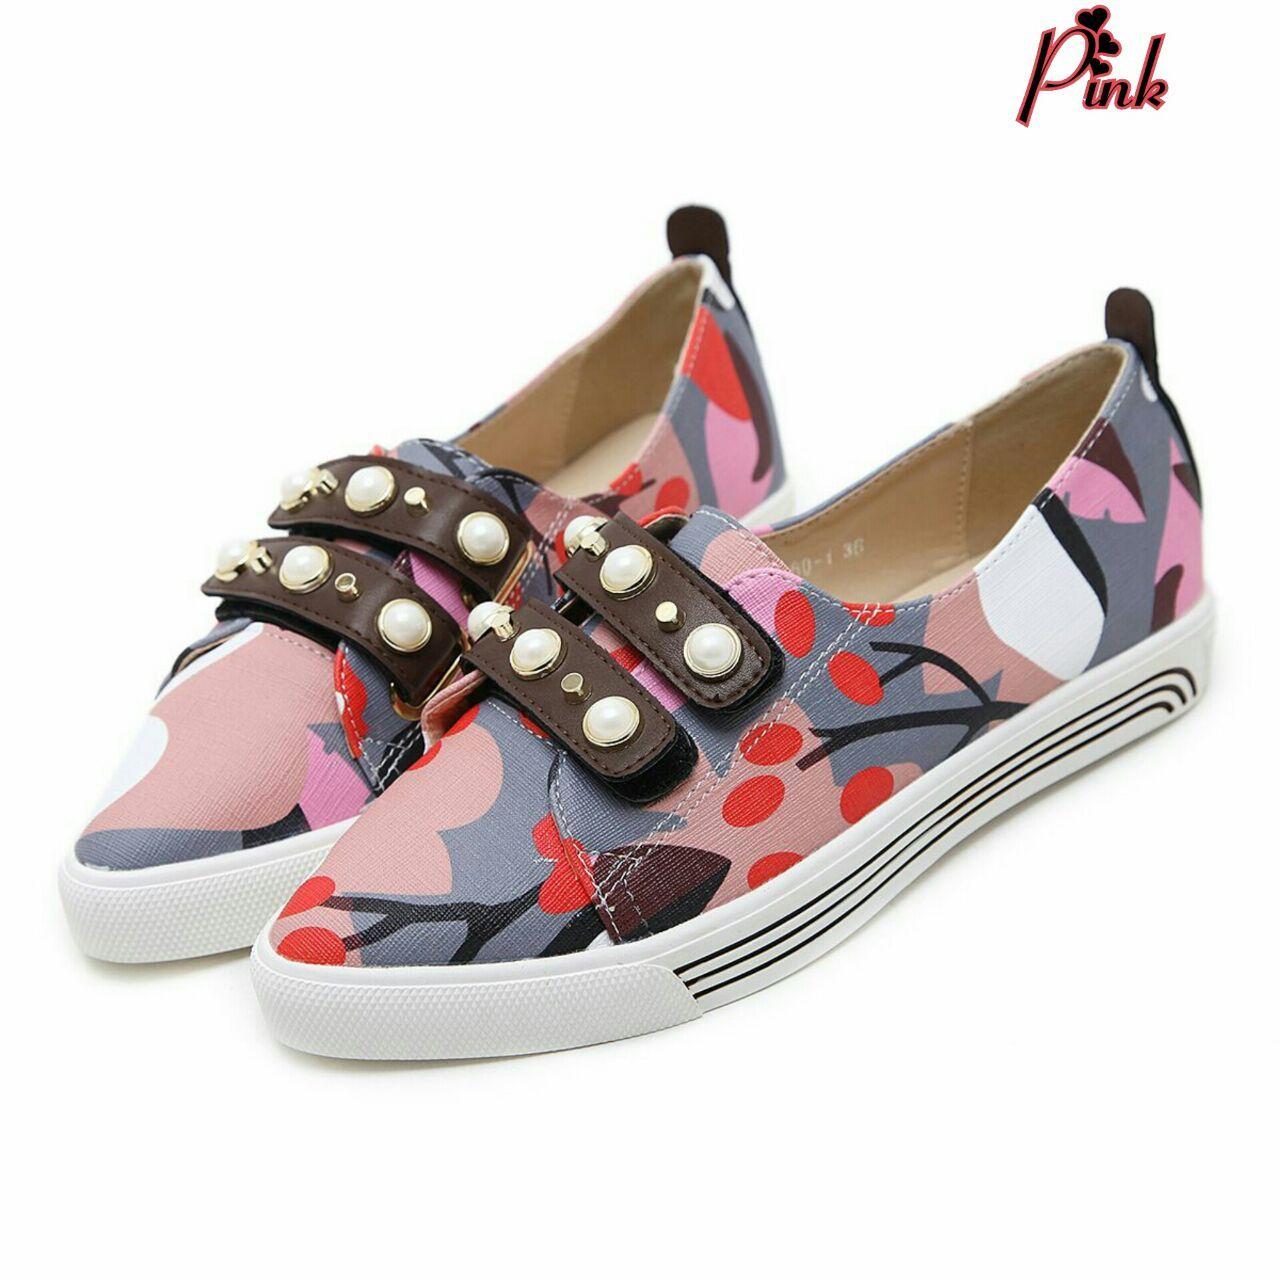 Tasmode Co Kami Menjual Sepatu Wanita Fossil Lily Sneakers Taiga